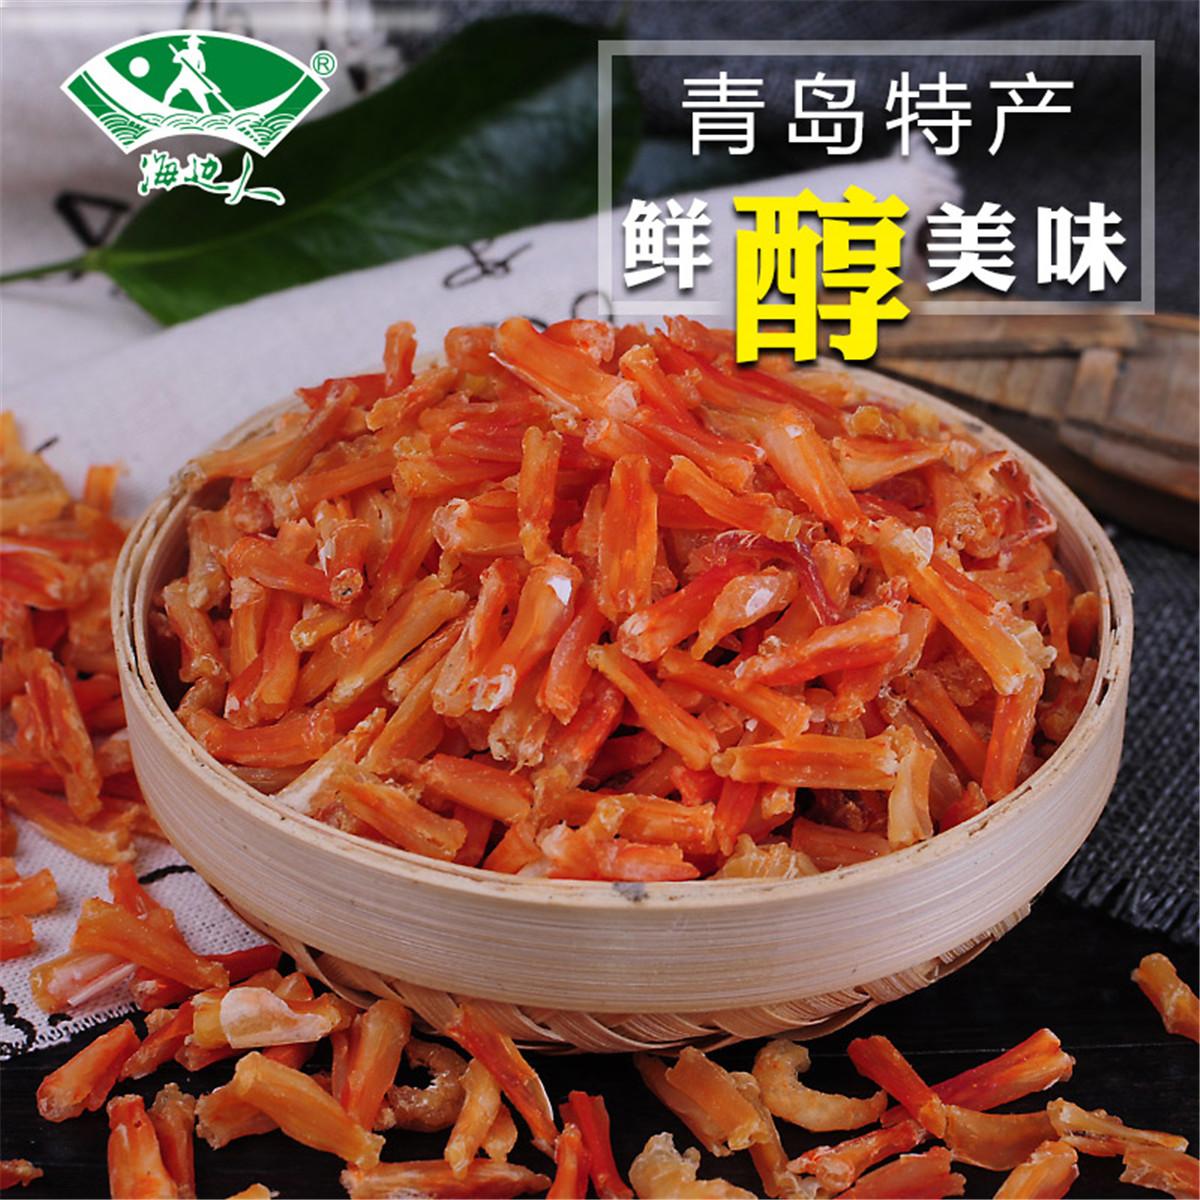 海边人虾尾即食268g烤虾即食干货零食对虾干青岛特产小吃COLOR虾尾即食268g